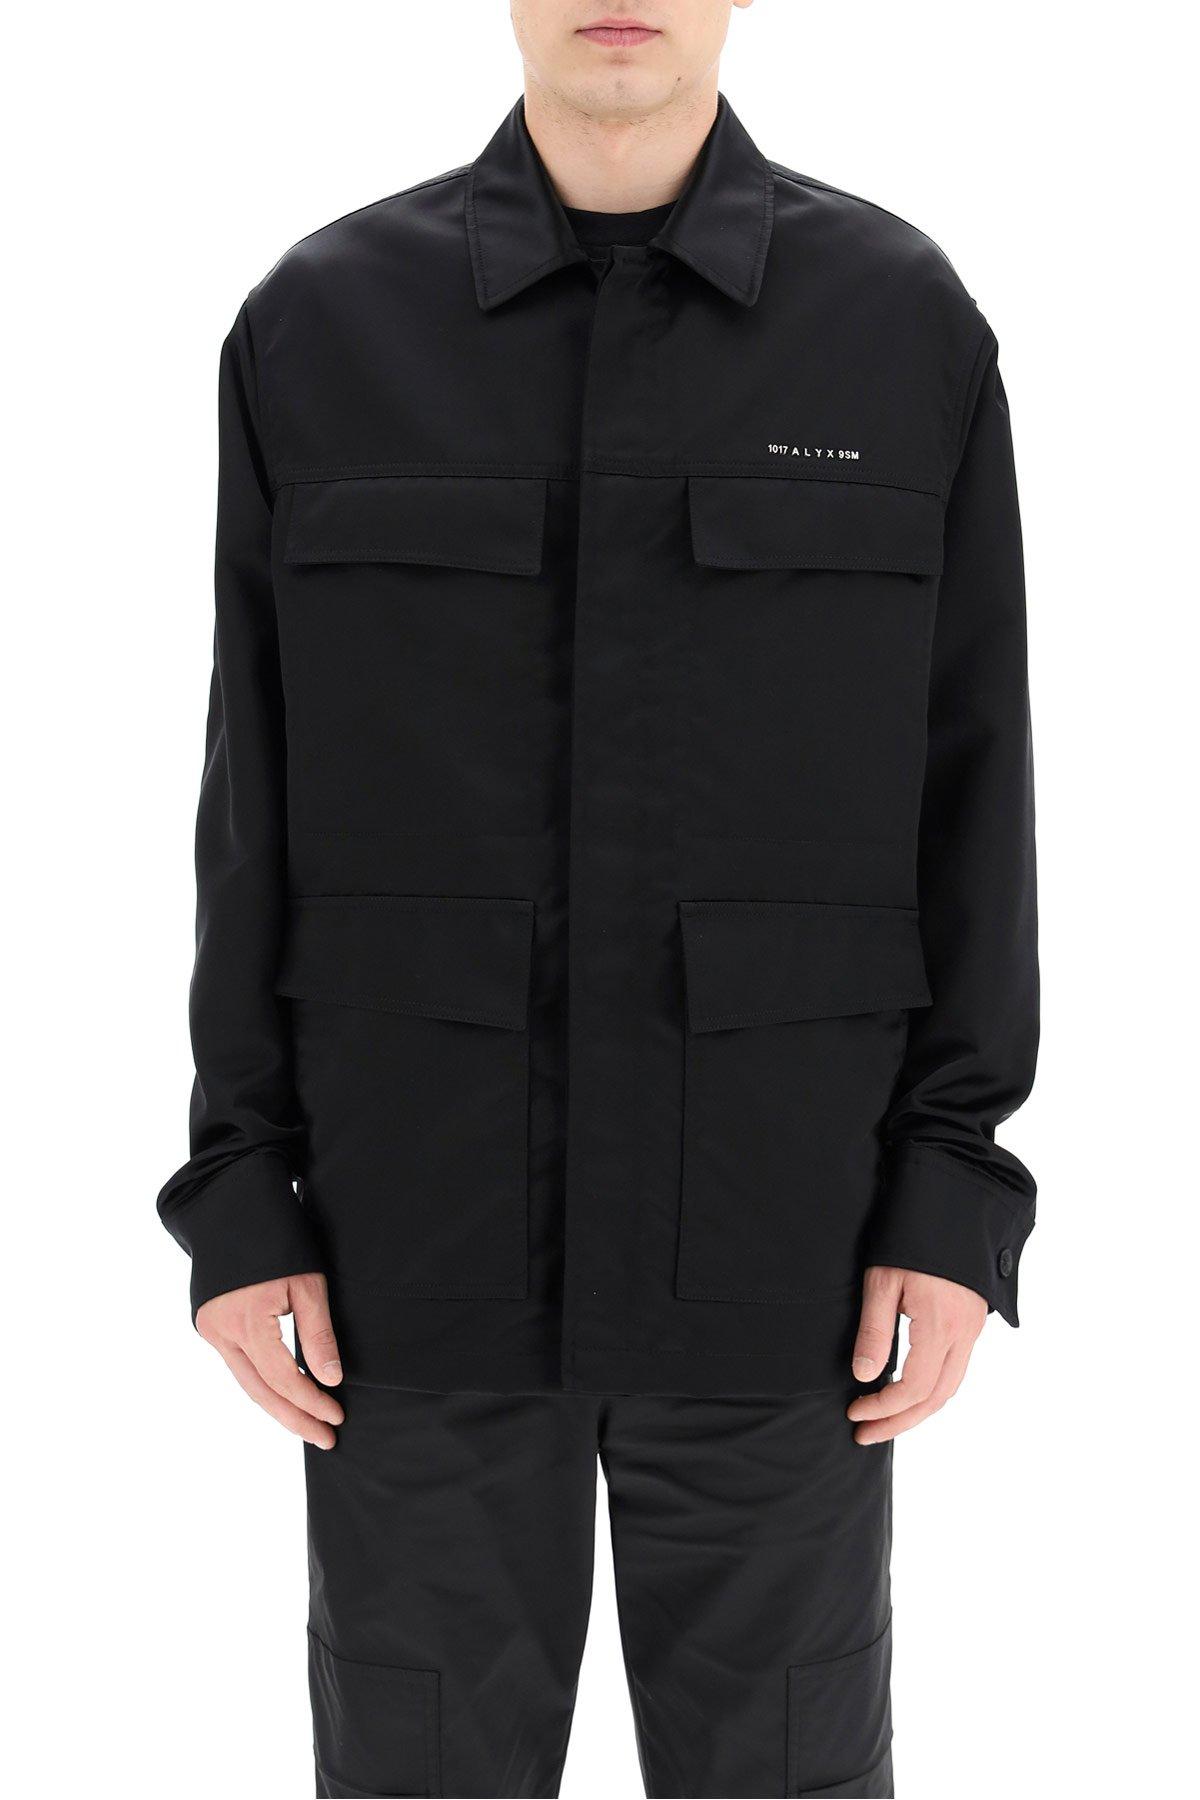 1017 alyx 9sm giacca a vento nylon